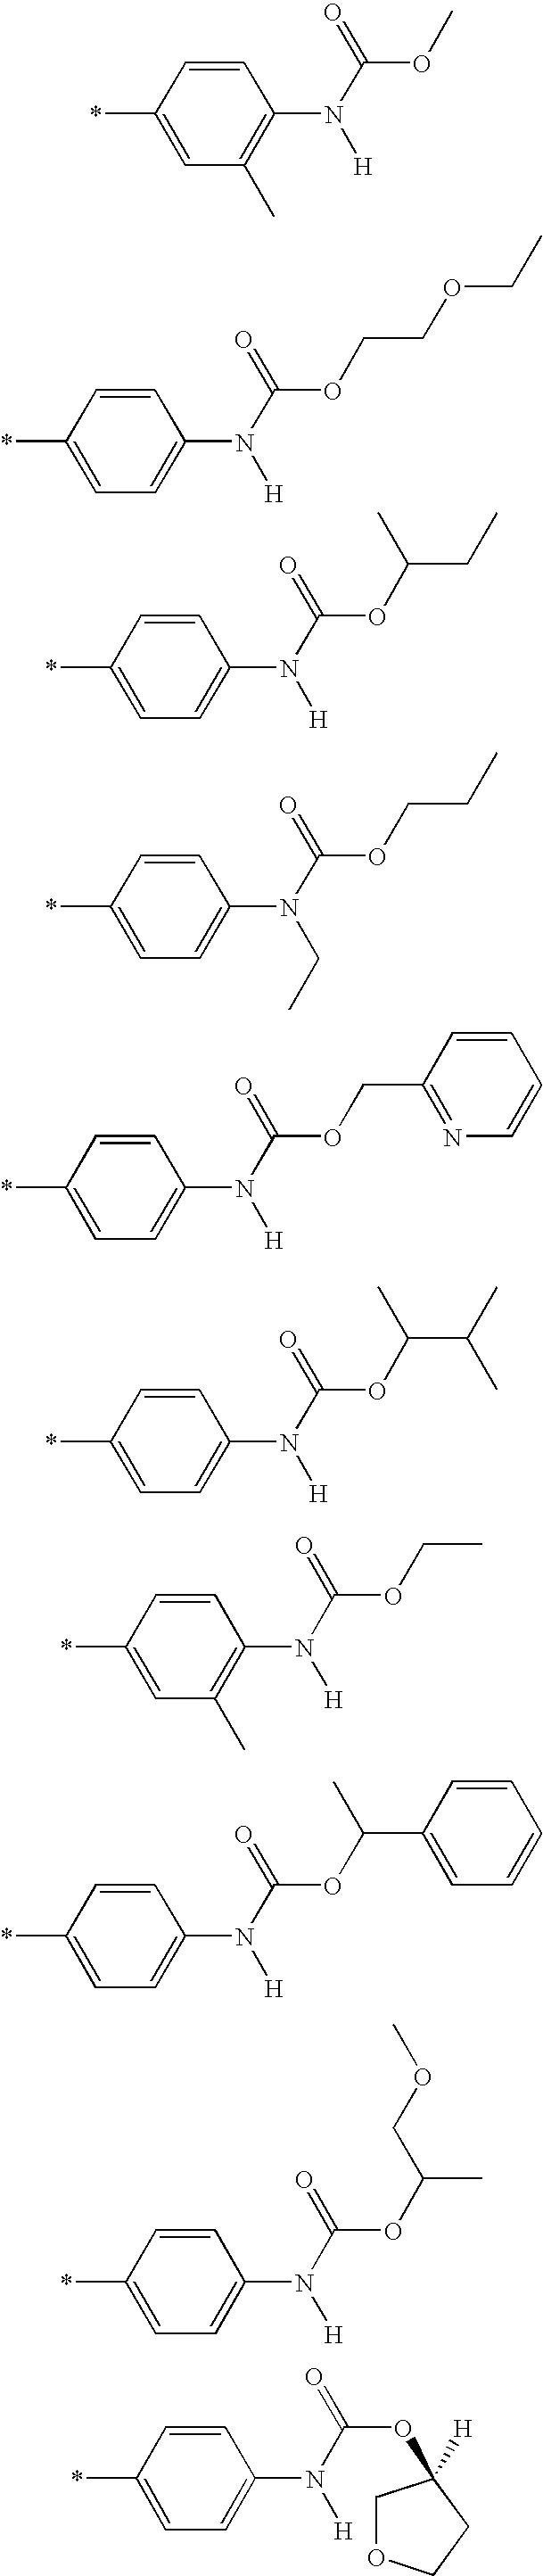 Figure US07781478-20100824-C00143